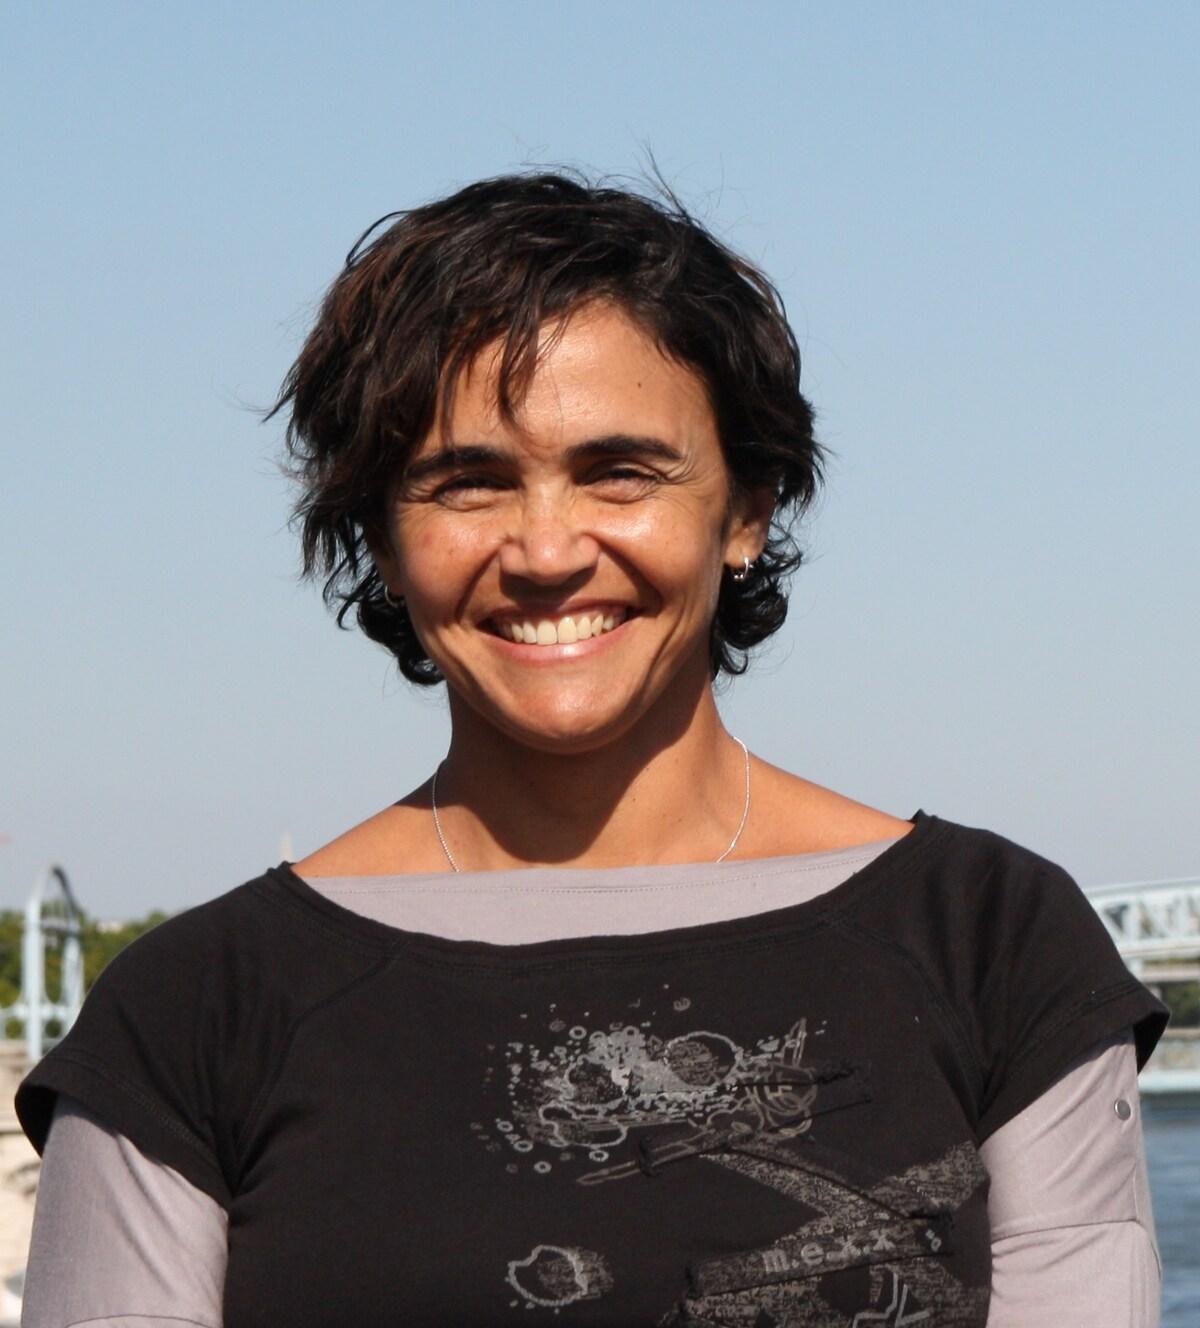 Roberta from Fortaleza